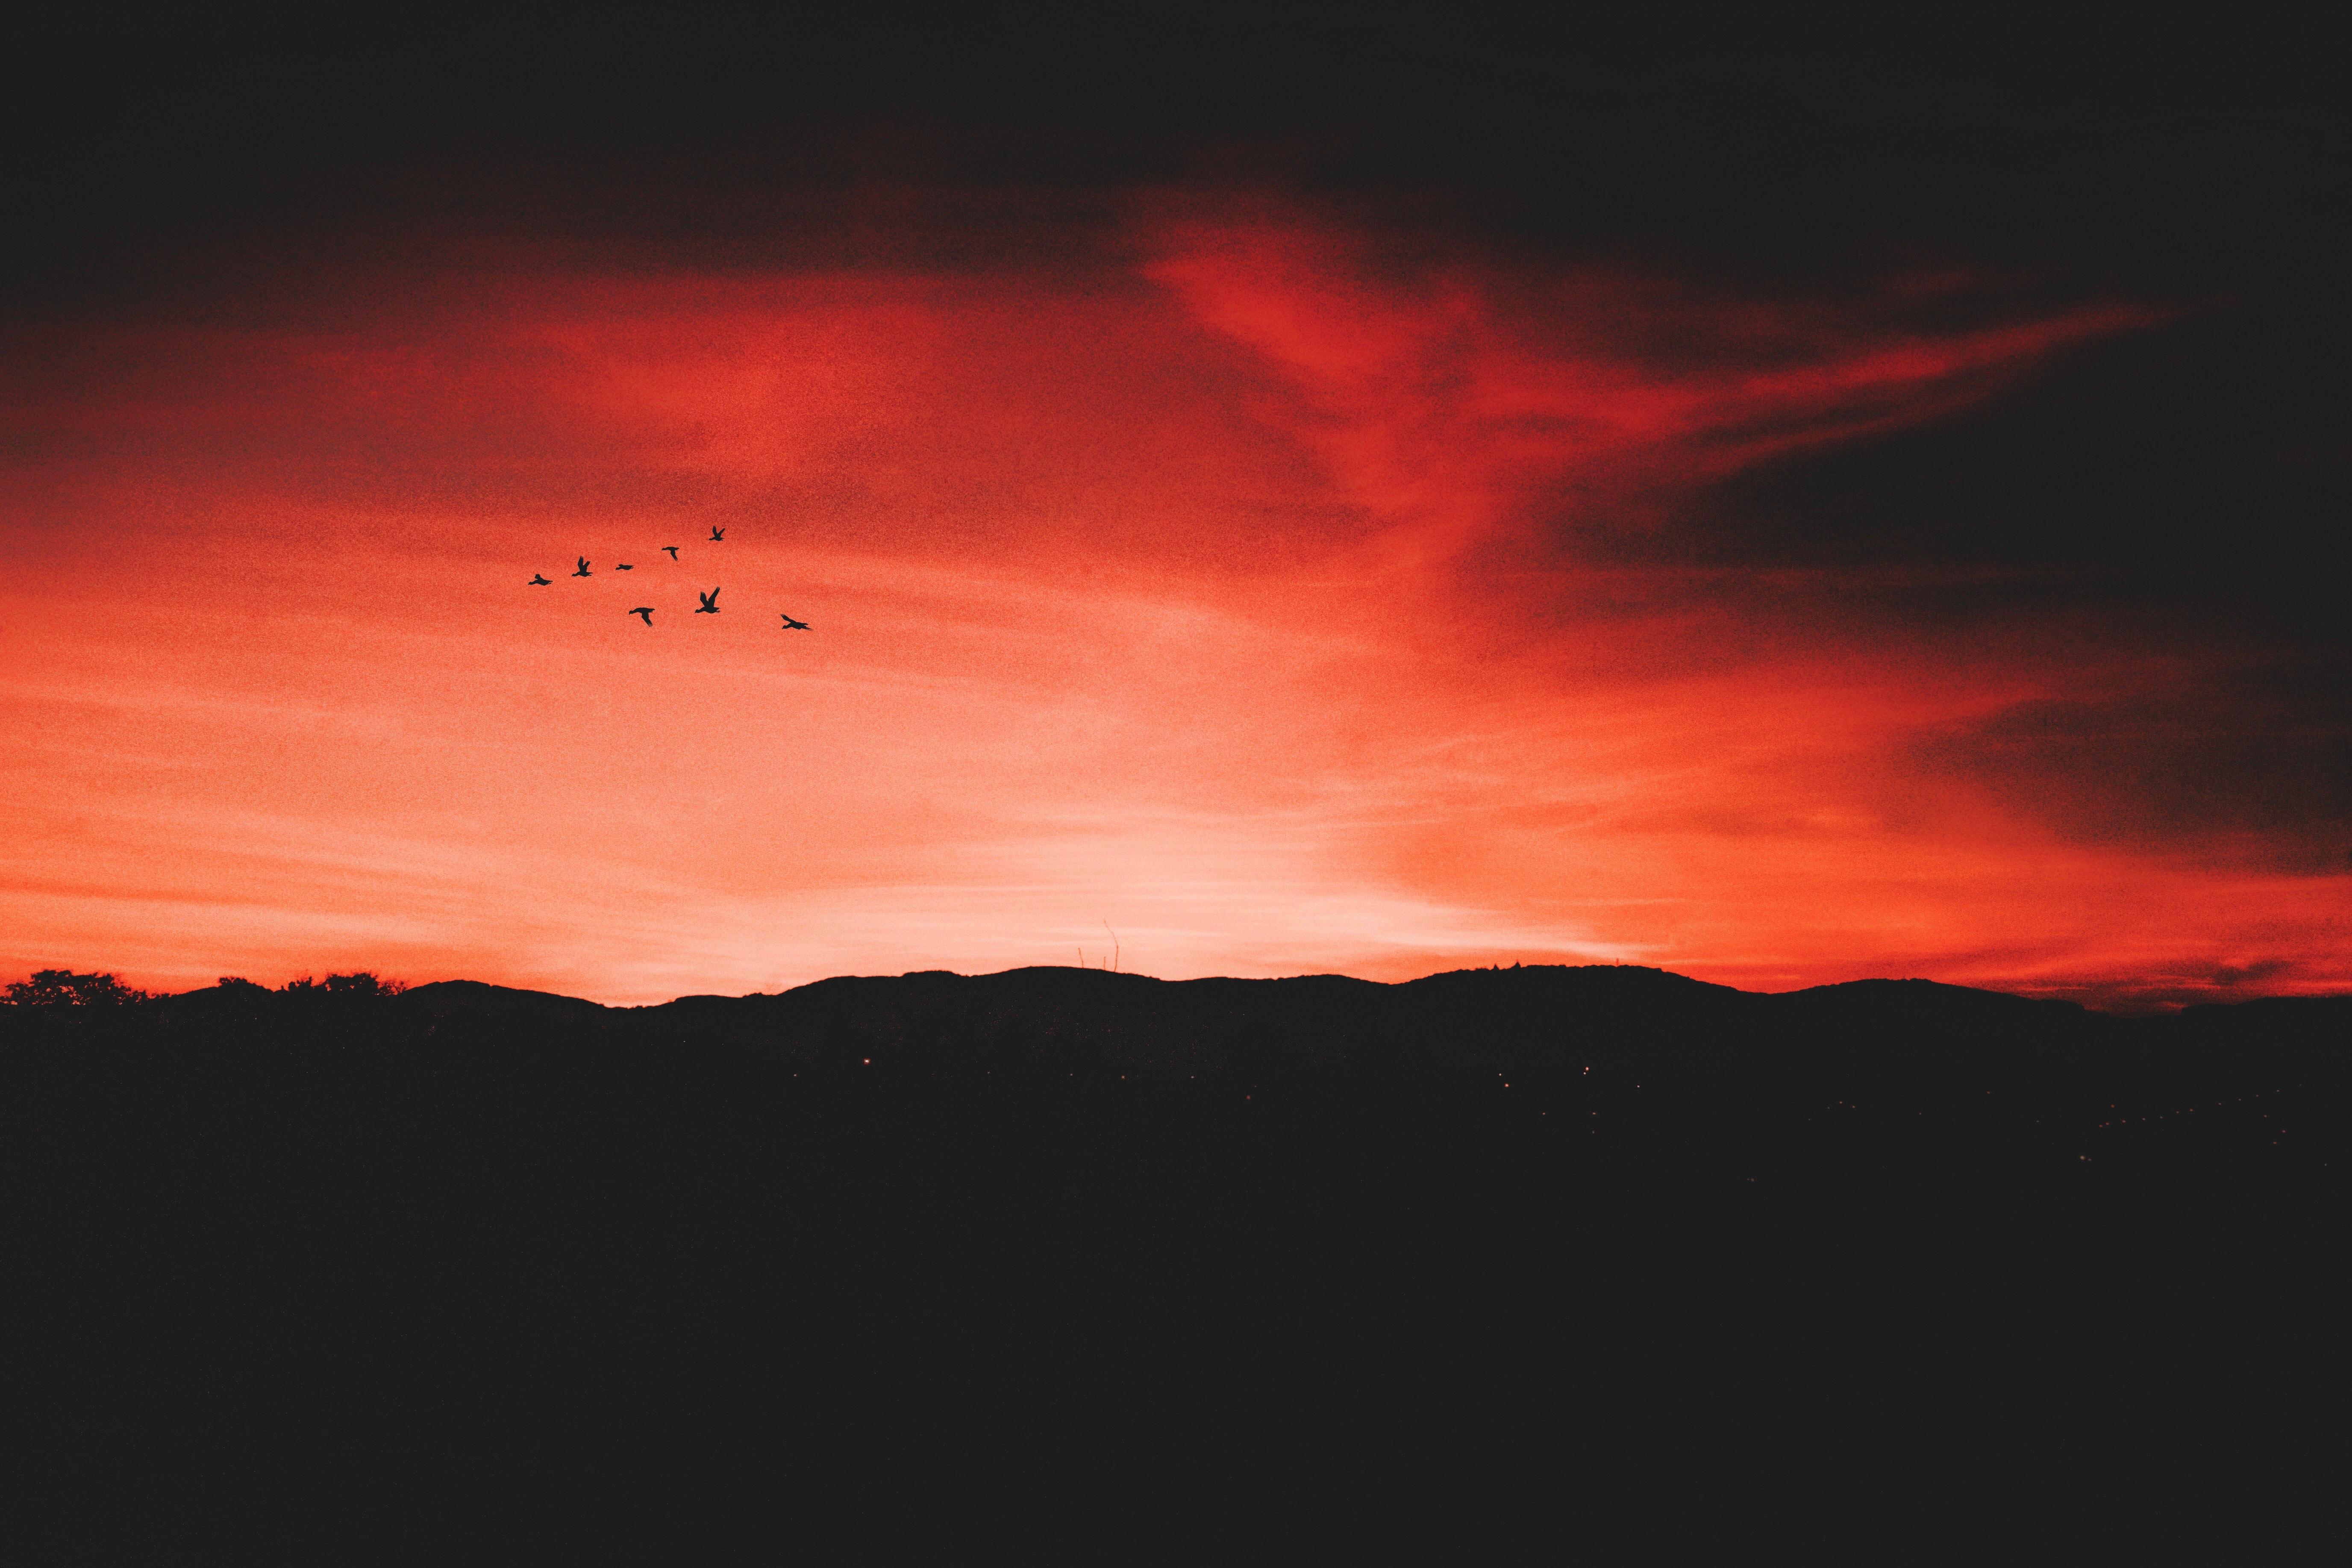 112150 Hintergrundbild herunterladen Vögel, Sky, Übernachtung, Horizont, Dunkel - Bildschirmschoner und Bilder kostenlos